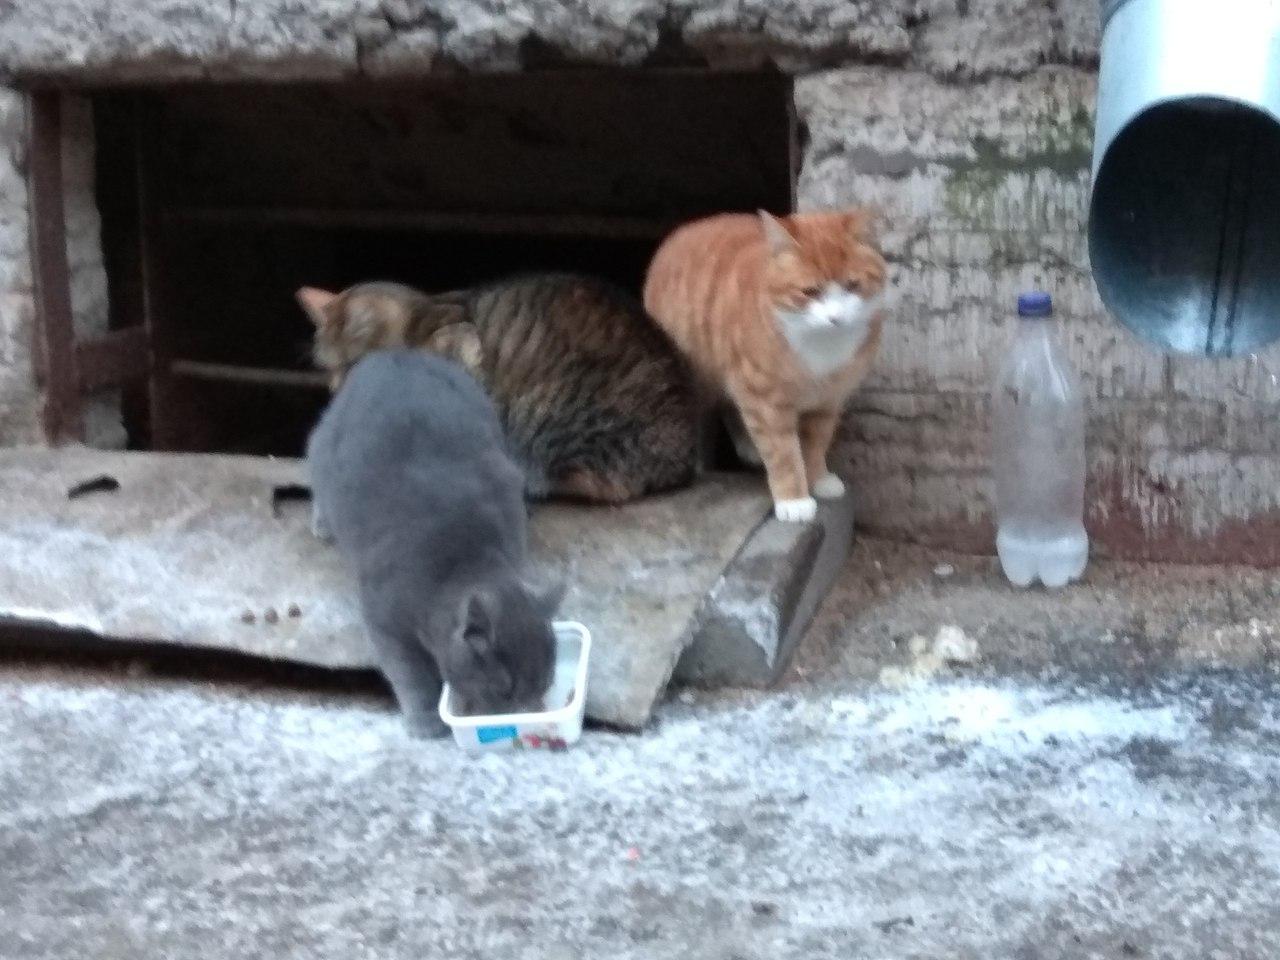 Их жизнь на улице ограничена парой лет.